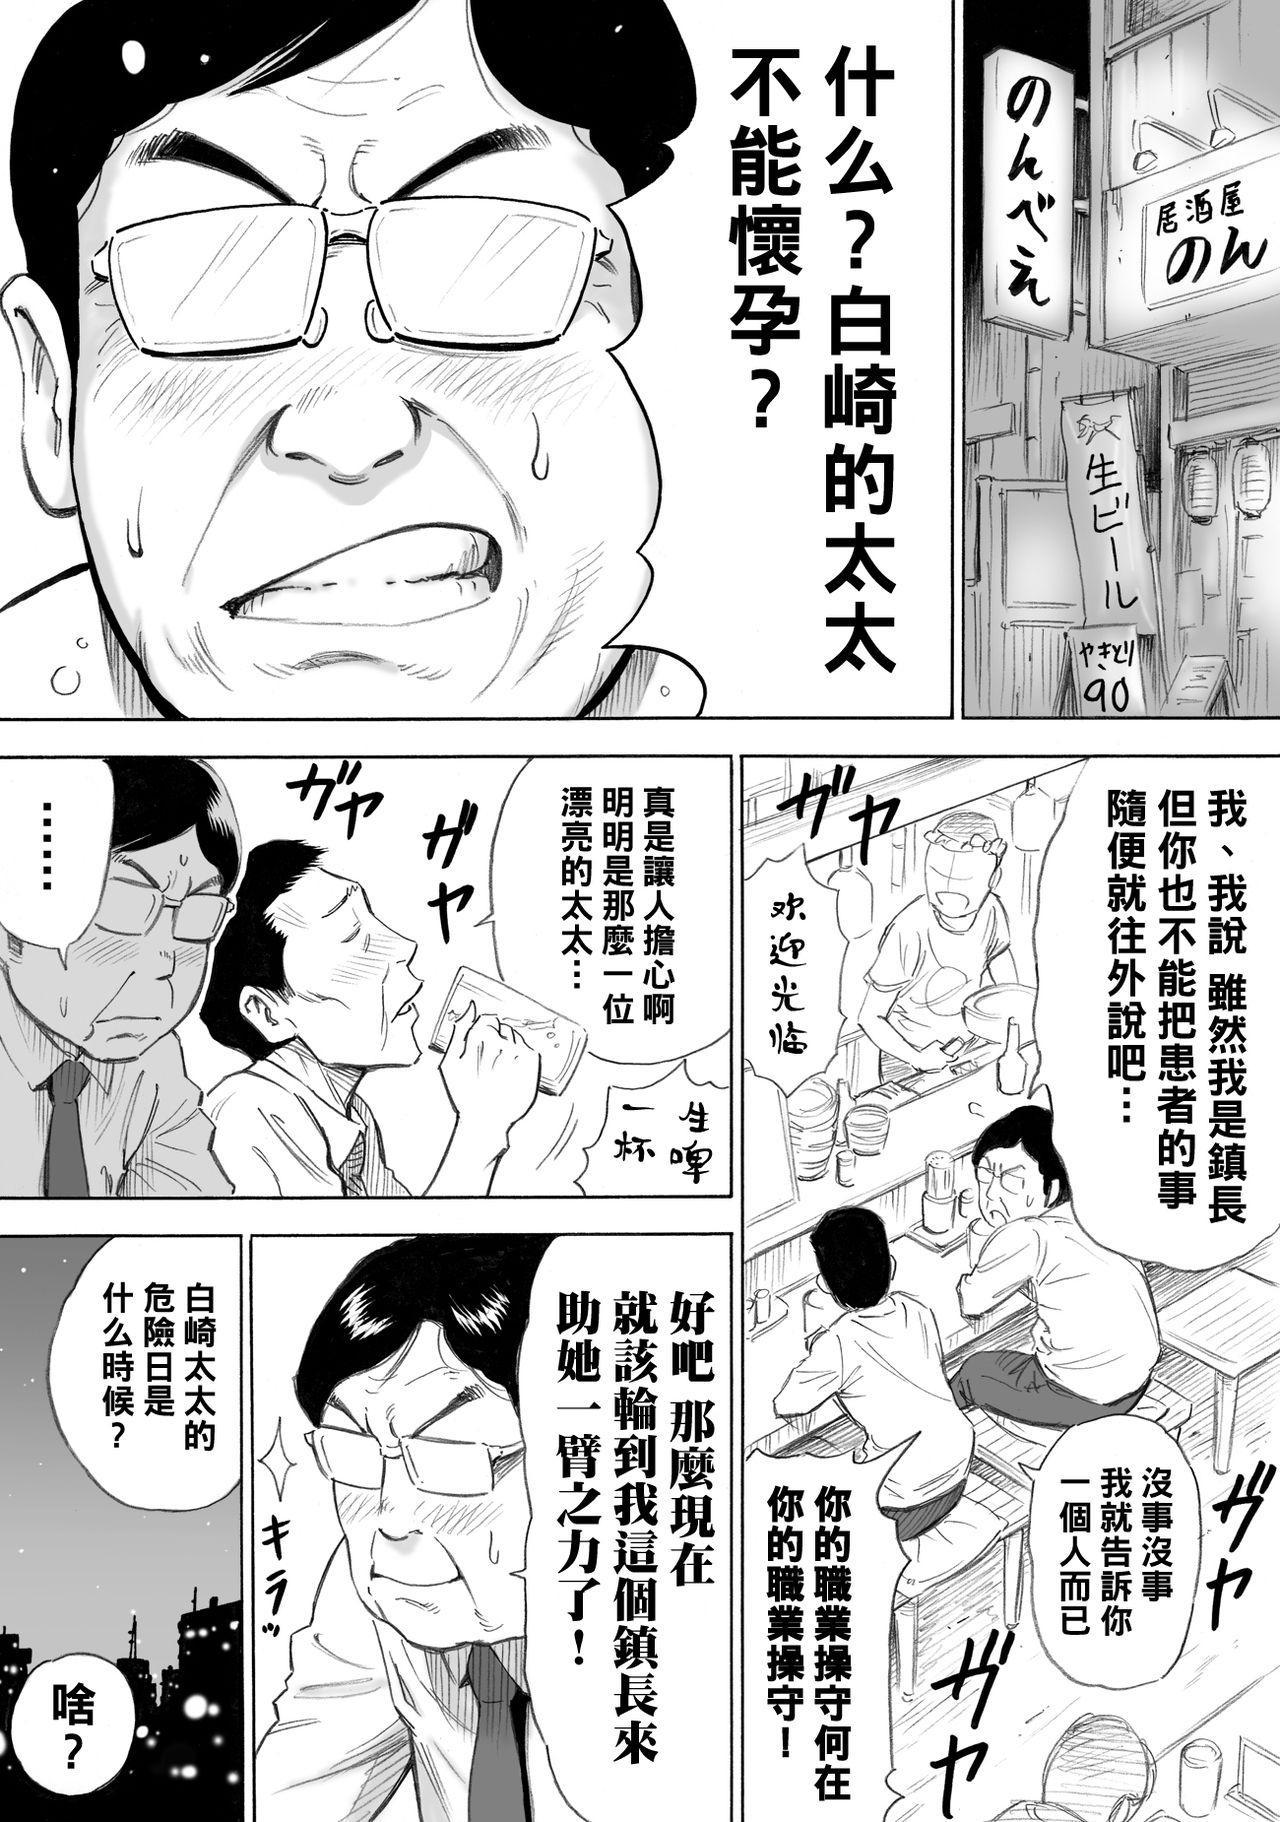 Aka-chan ga Hoshii Hitozuma o Chounai Minna de Haramaseyou 4